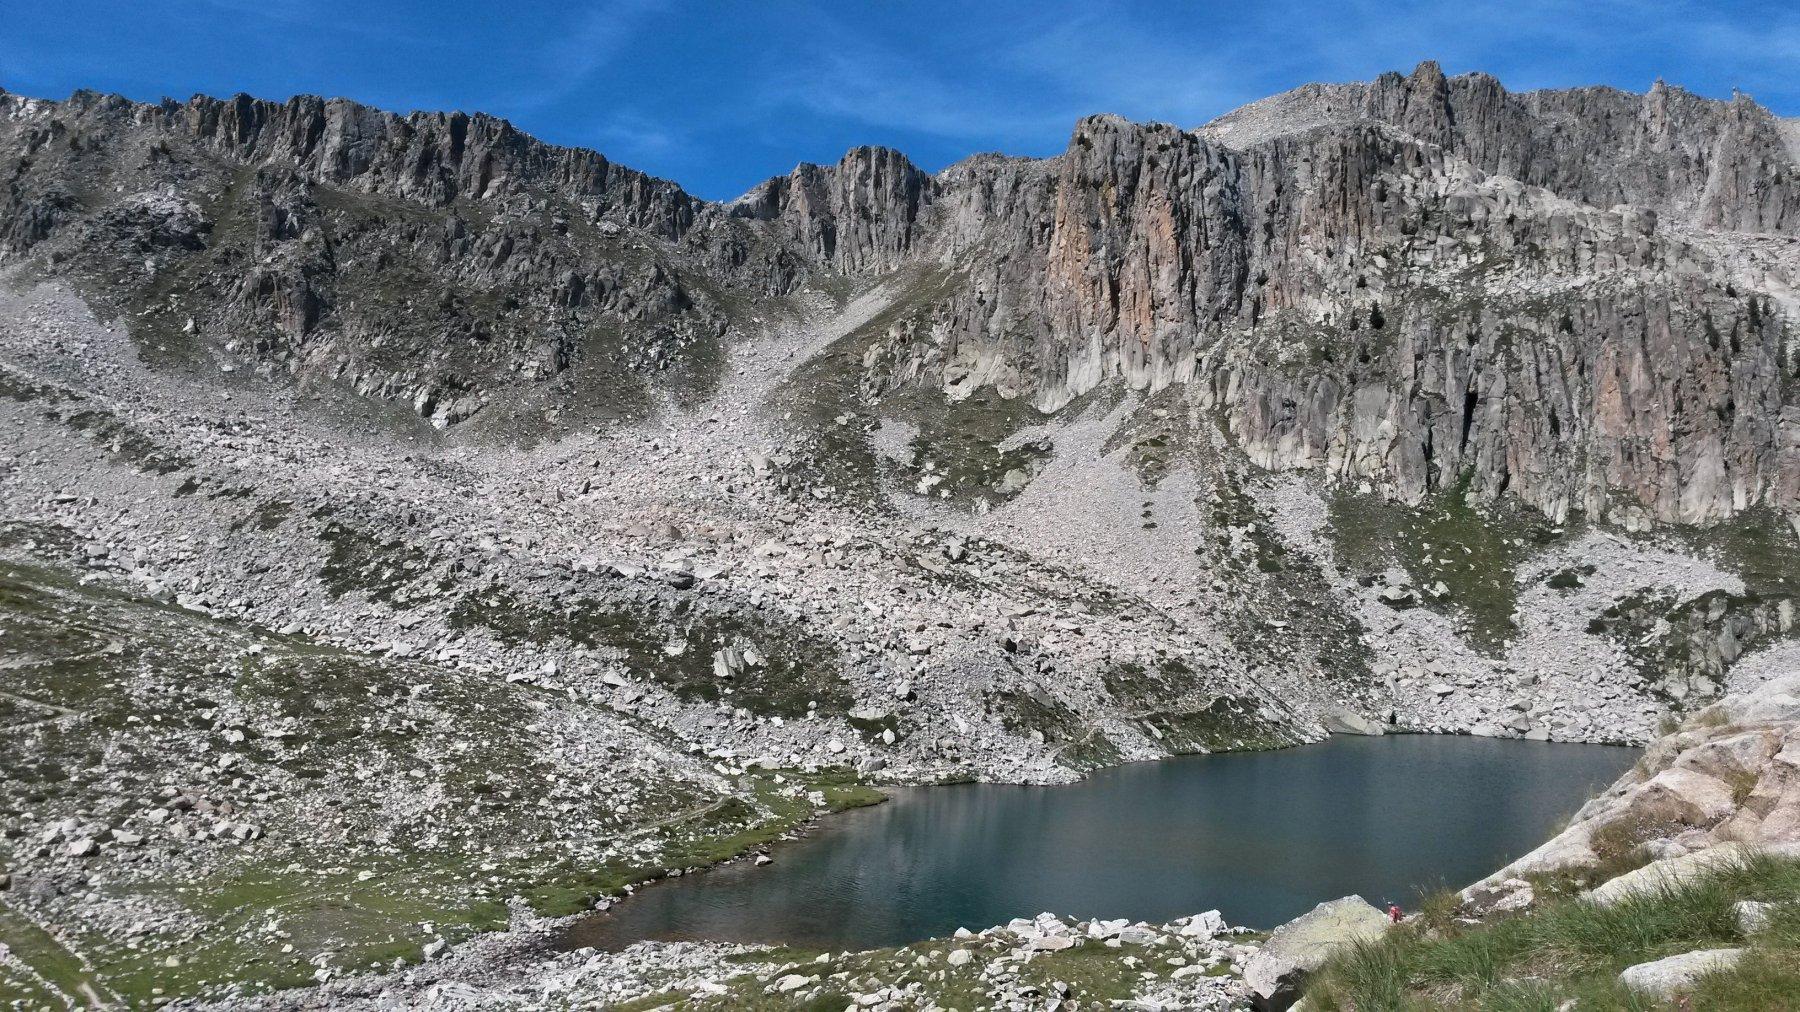 scorcio sul lago mediano incastonato fra le rocce